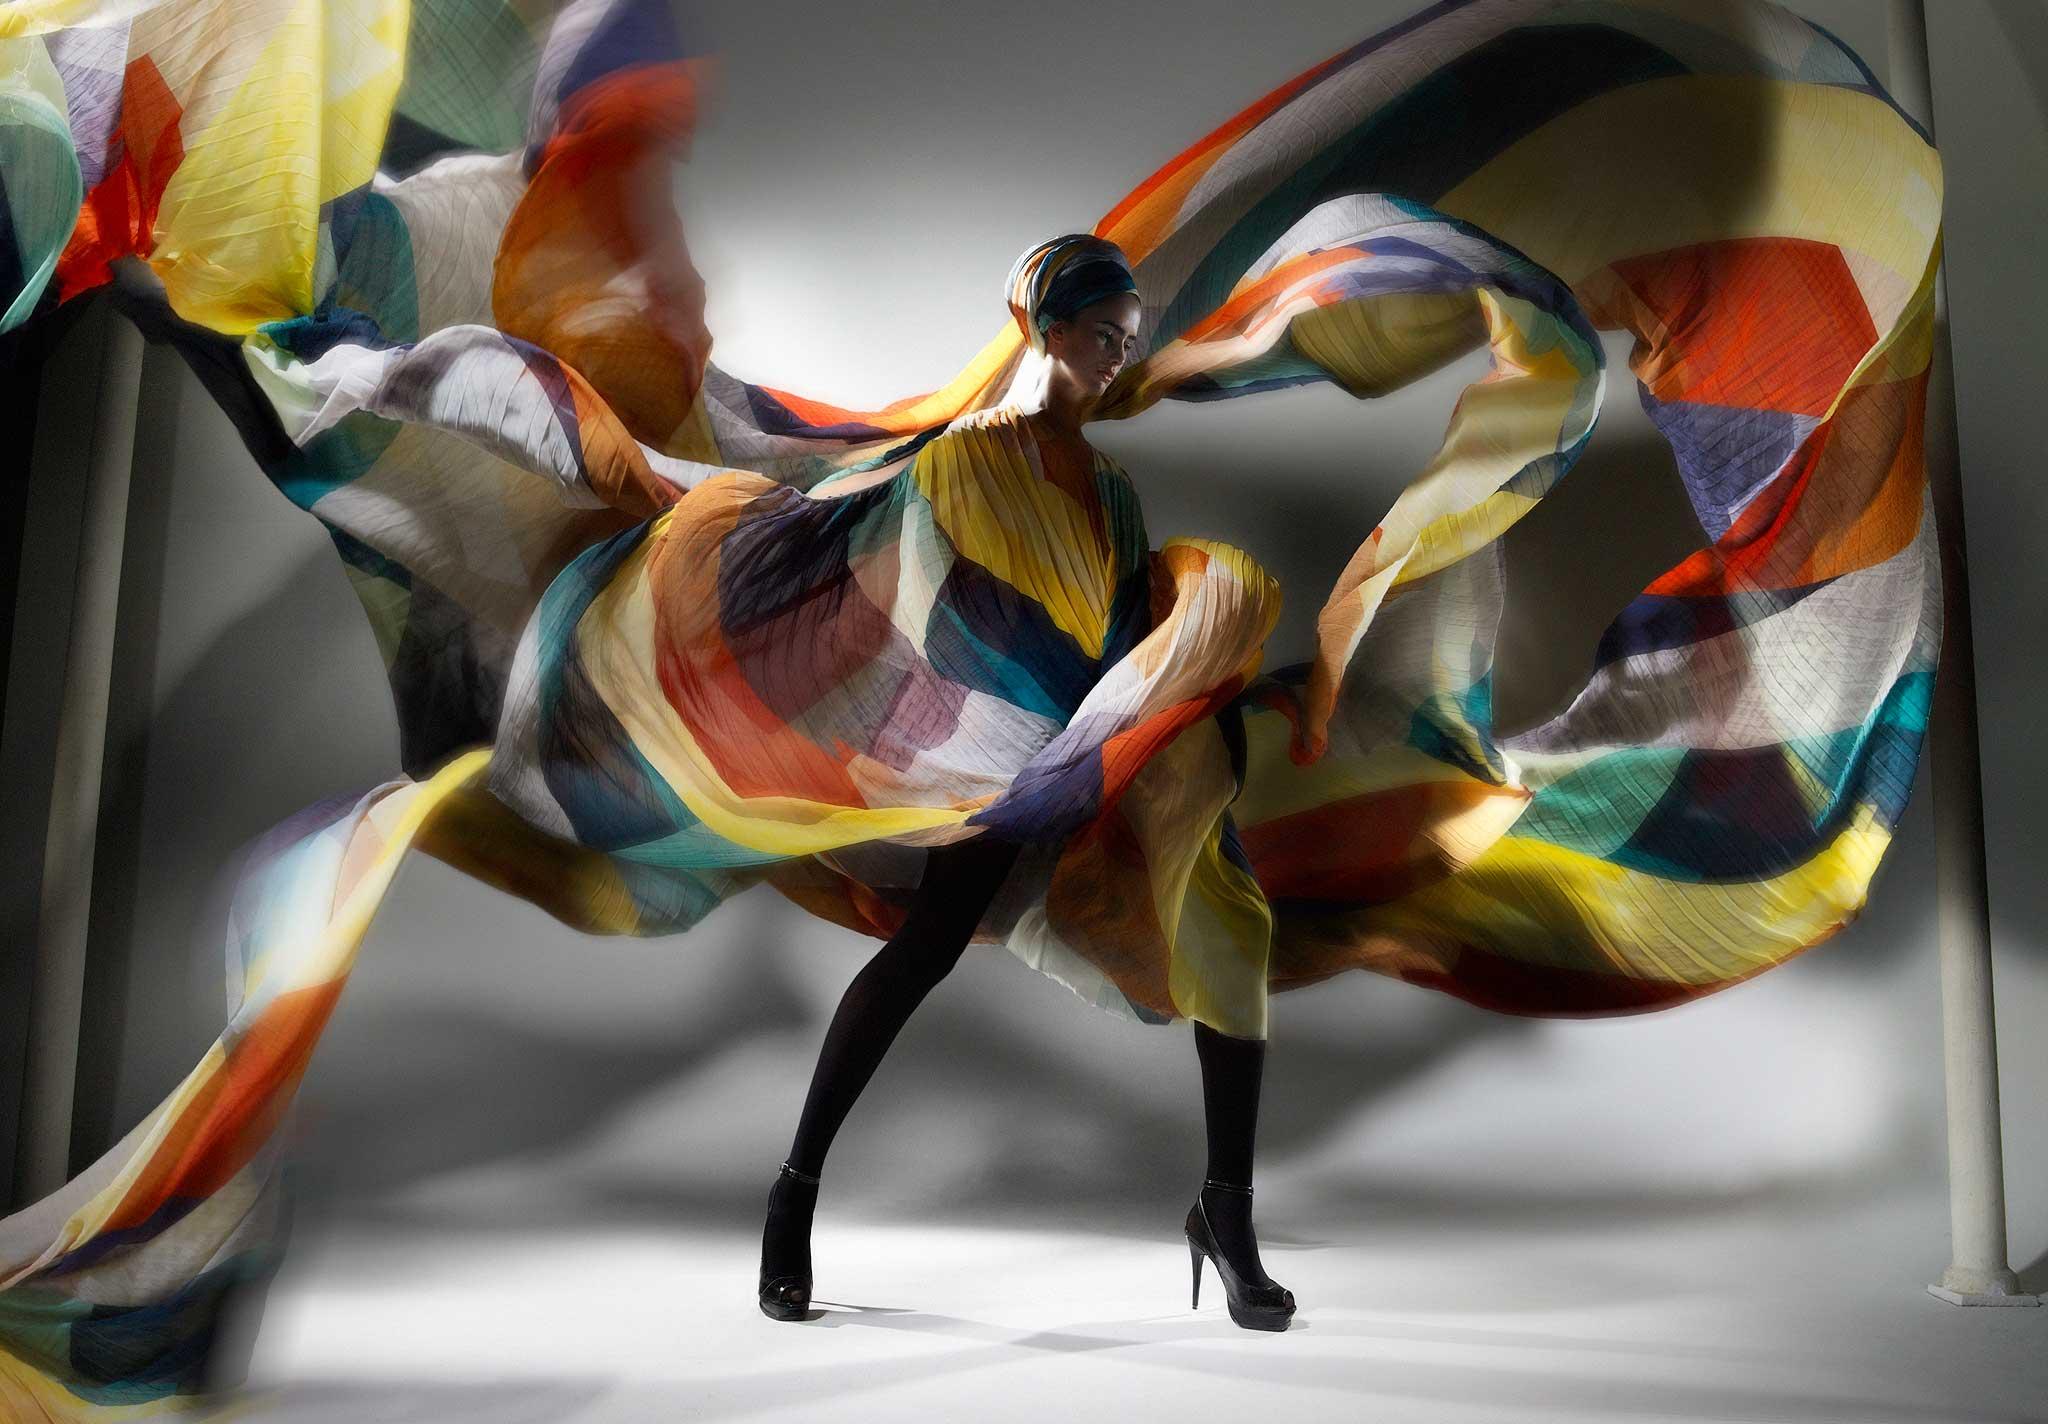 Mode von c.neeon aus Berlin.